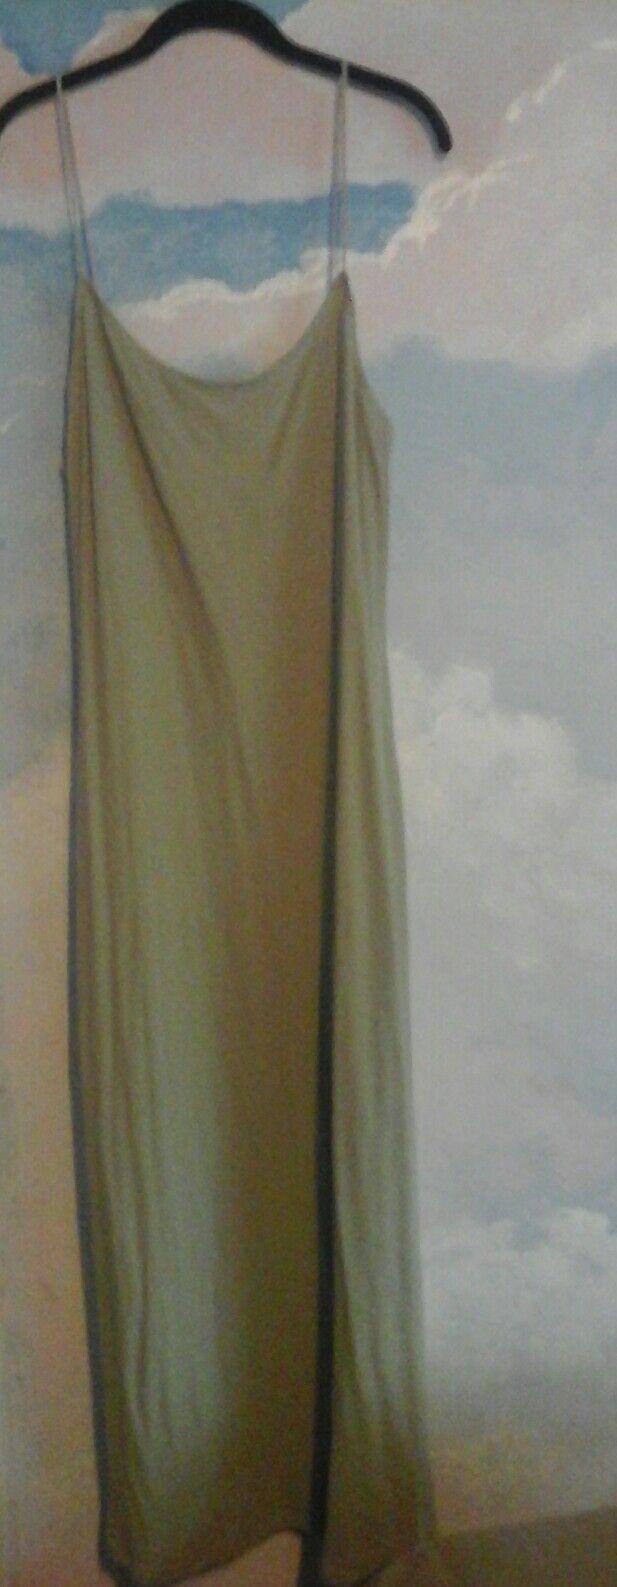 Ralph Lauren Sport Dress in 89% Cotton 11% Other fiber in a Pale Apple Grün, XL